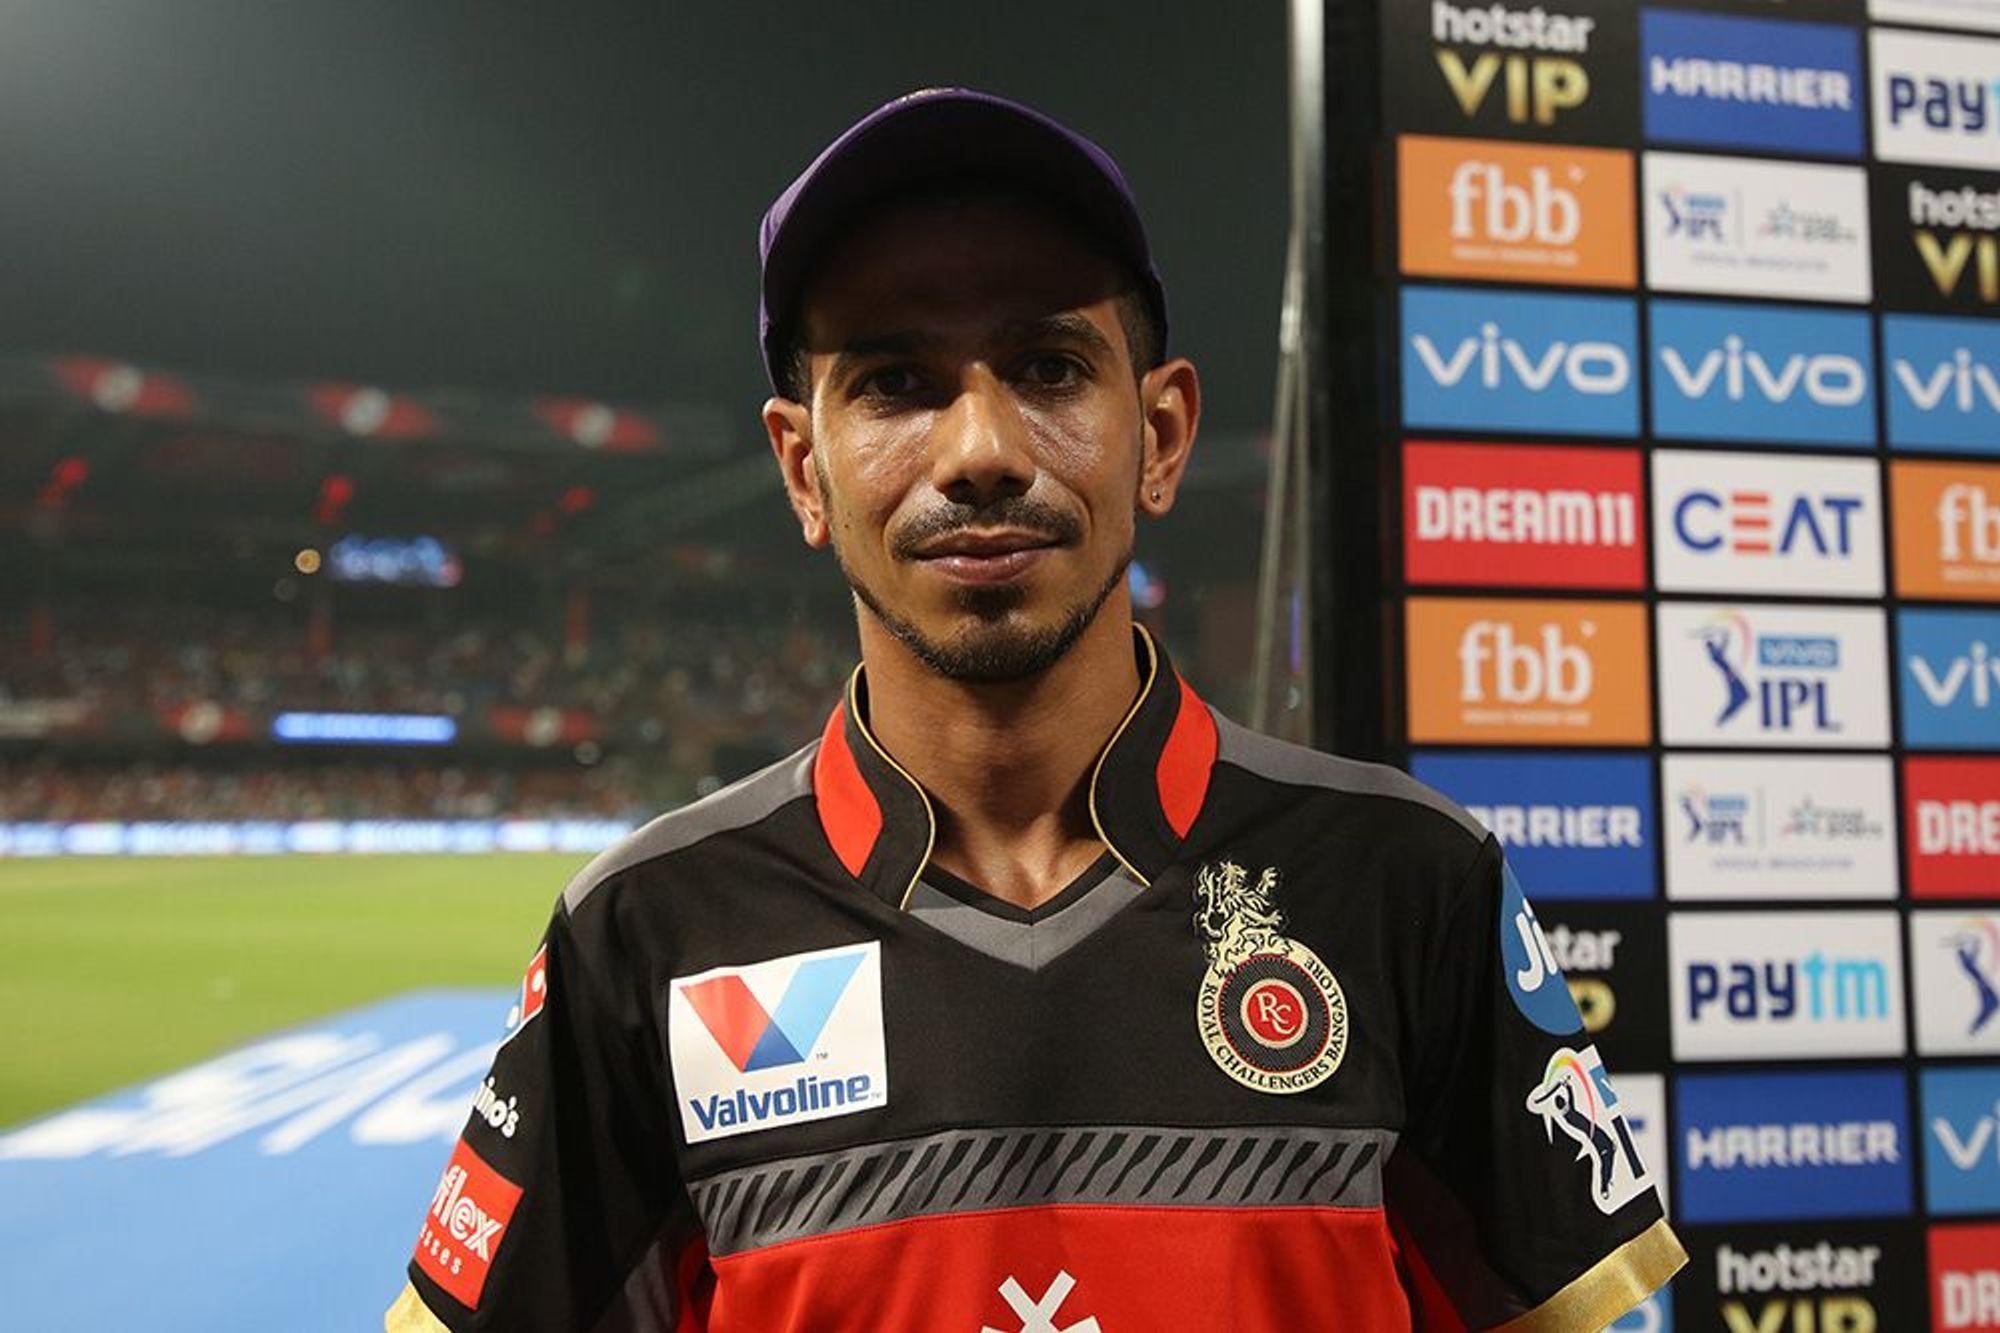 आईपीएल 2019 : युवराज सिंह ने जब लगाए लगातार 3 छक्के तो मैंने स्टुअर्ट ब्रॉड की तरह महसूस किया: युजवेंद्र चहल 3